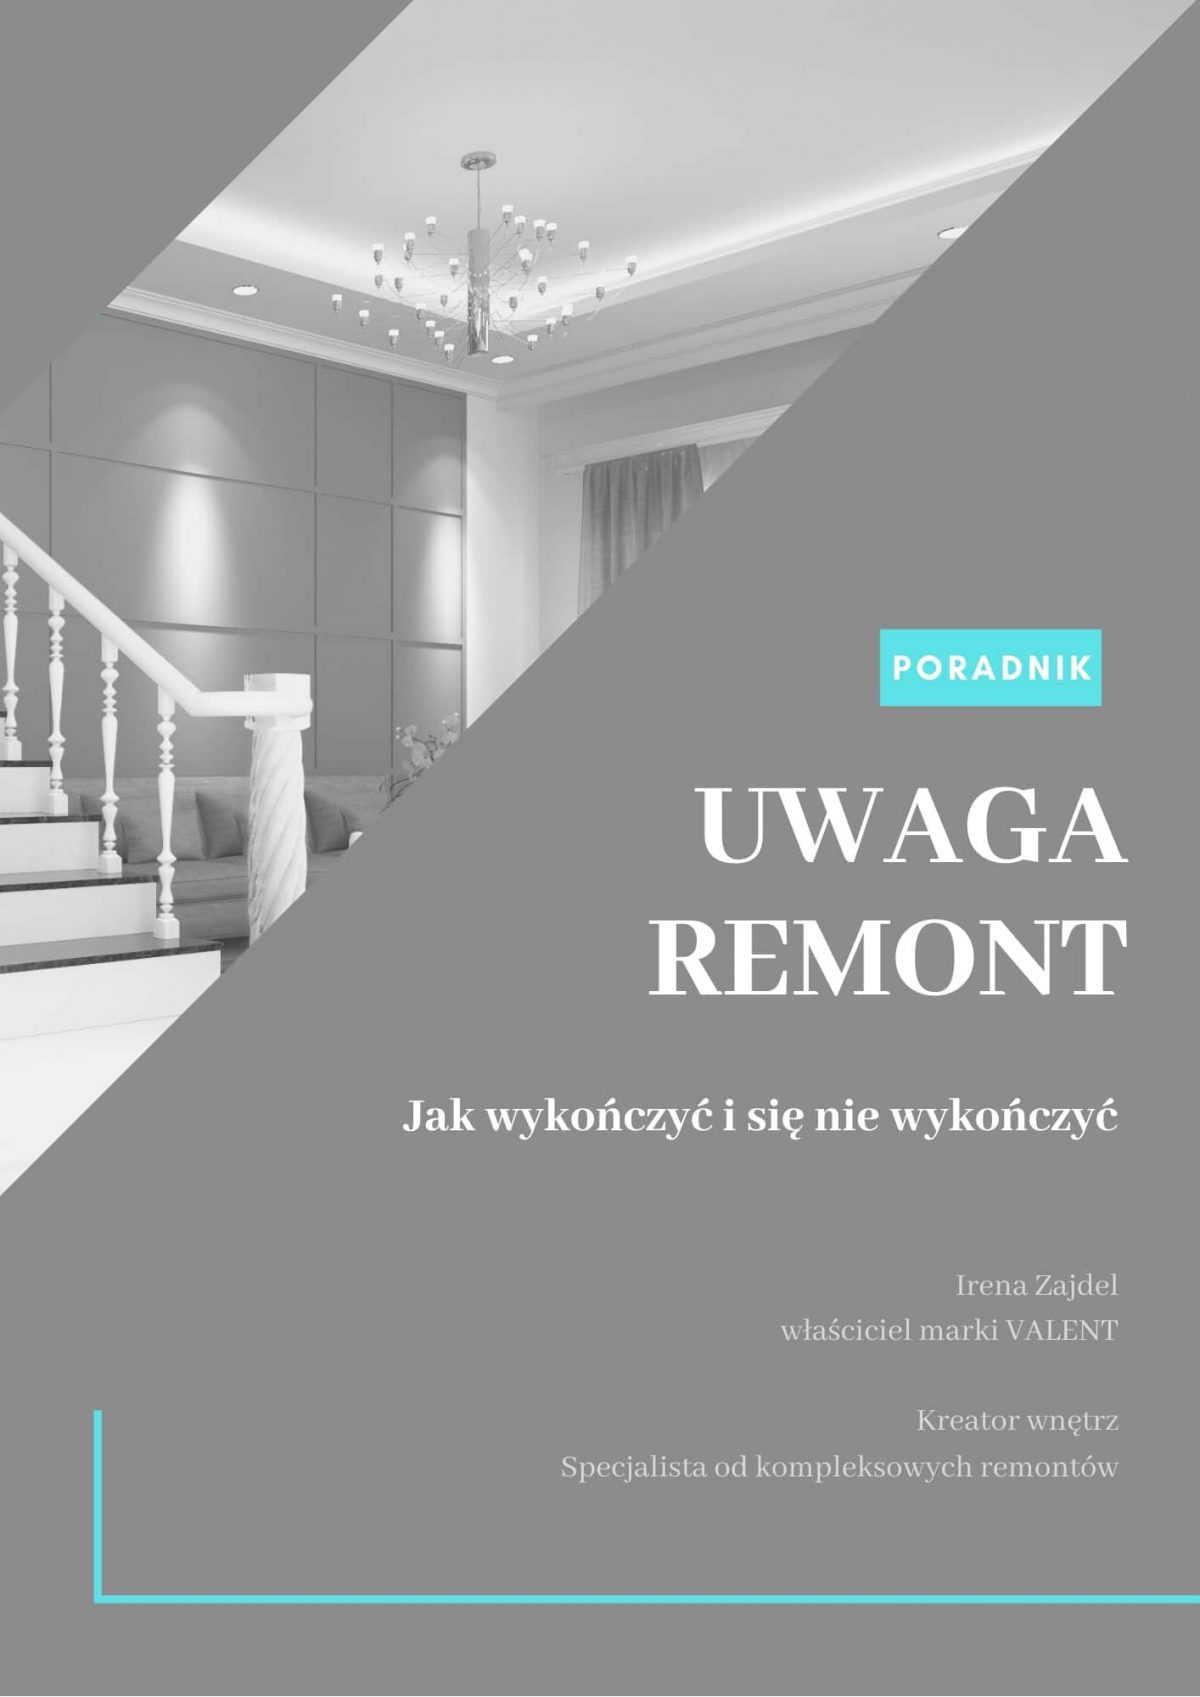 Poradnik remontowy architekta wnętrz - remont domu / mieszkania krok po kroku